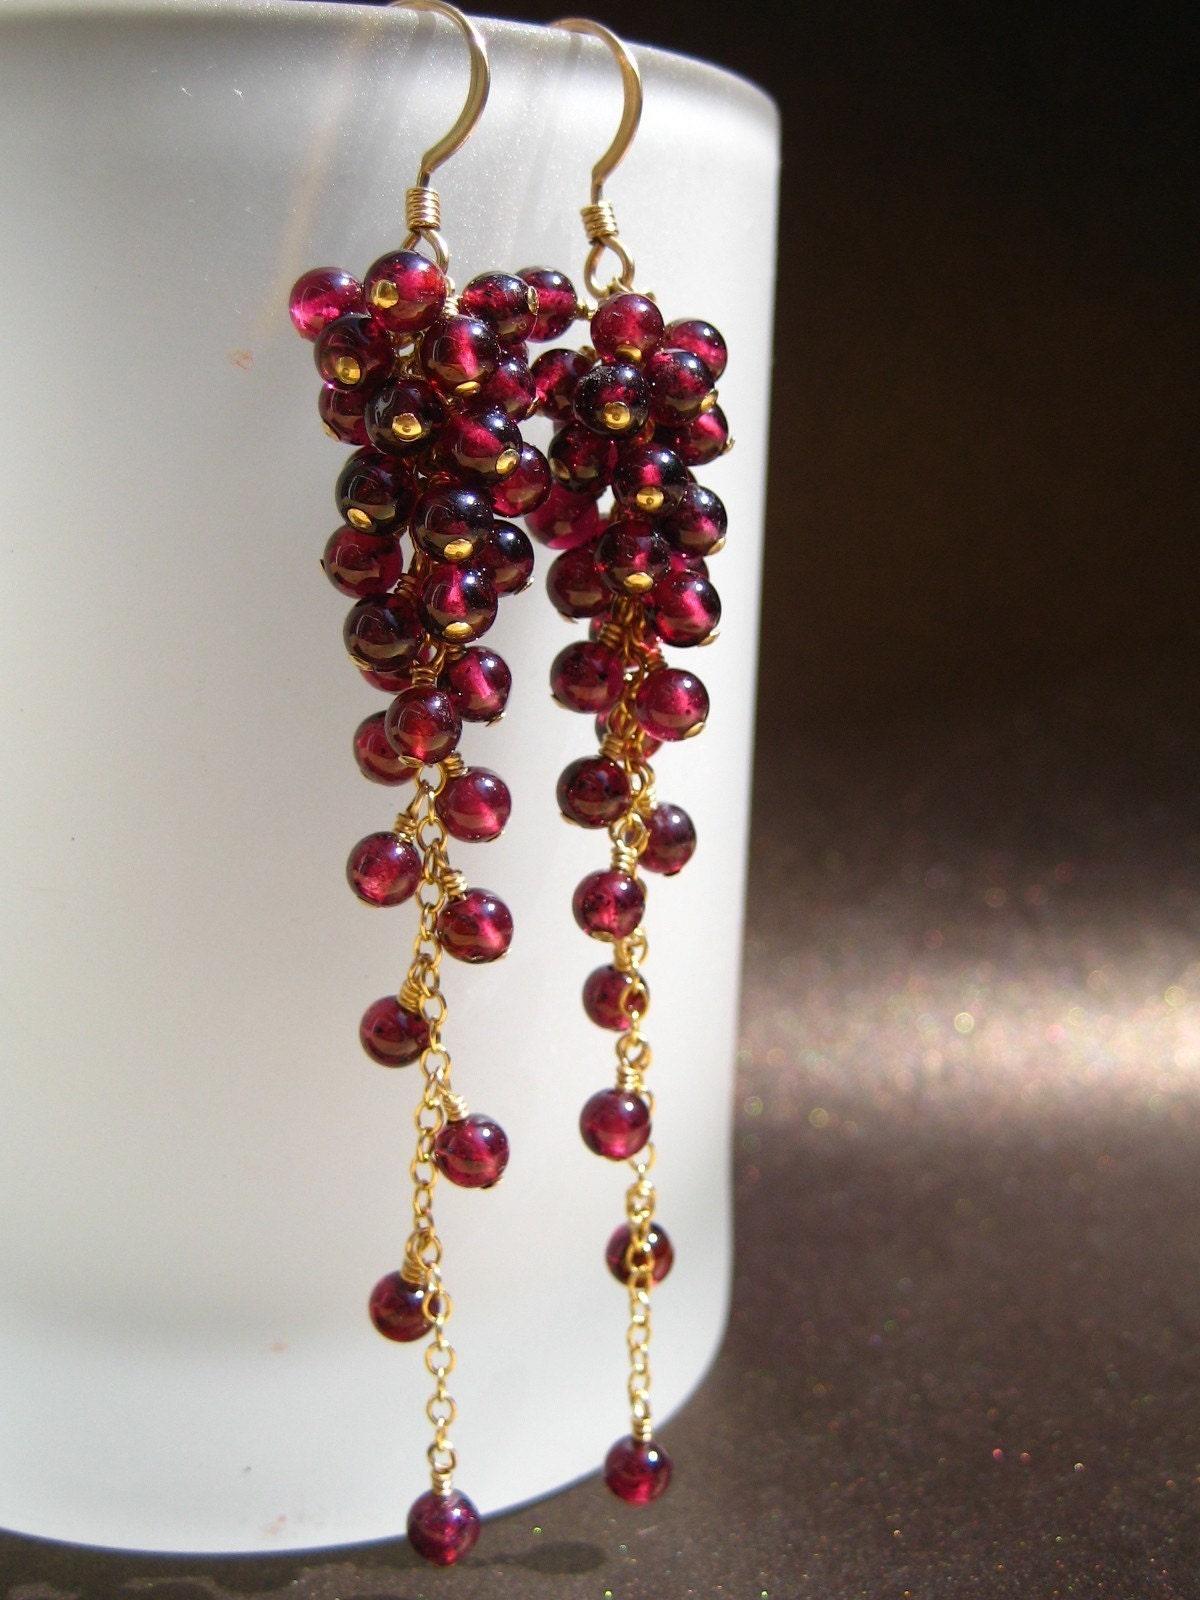 Bordeaux - Garnet earrings